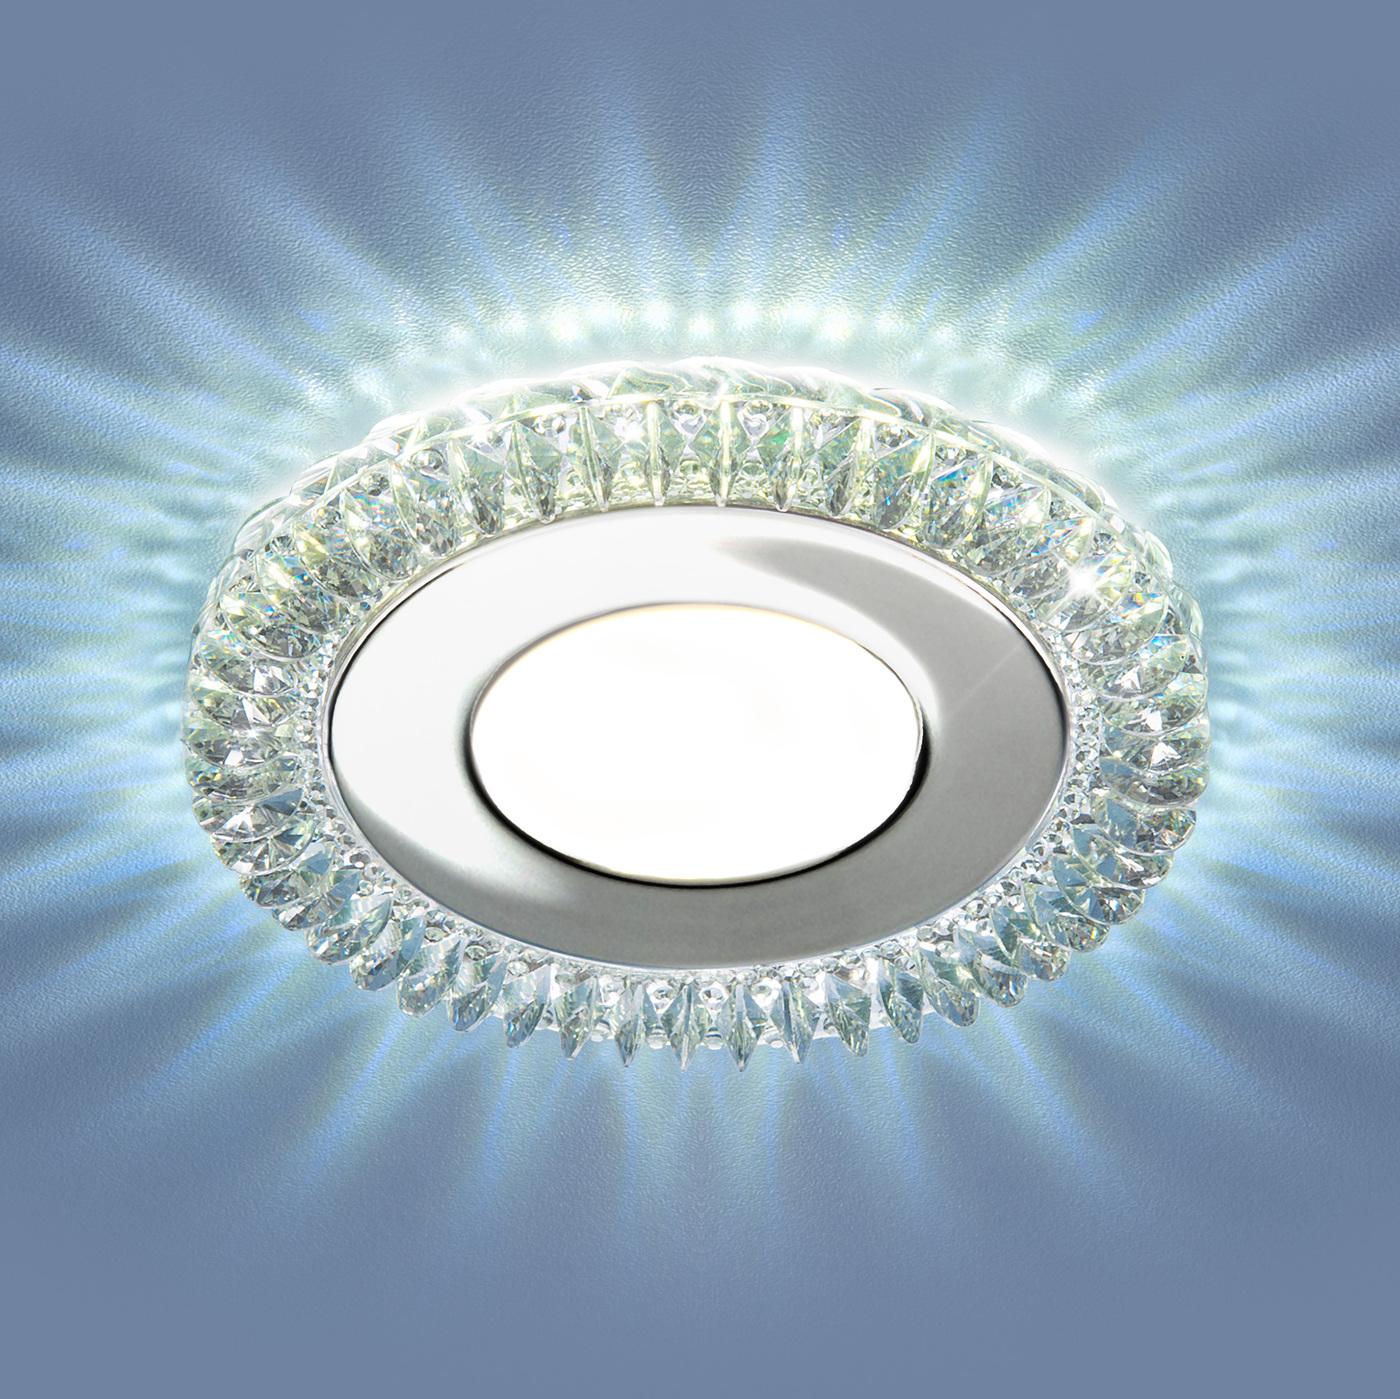 Встраиваемый светильник Elektrostandard светодиодный потолочный с LED подсветкой 9908 LED 8W CL